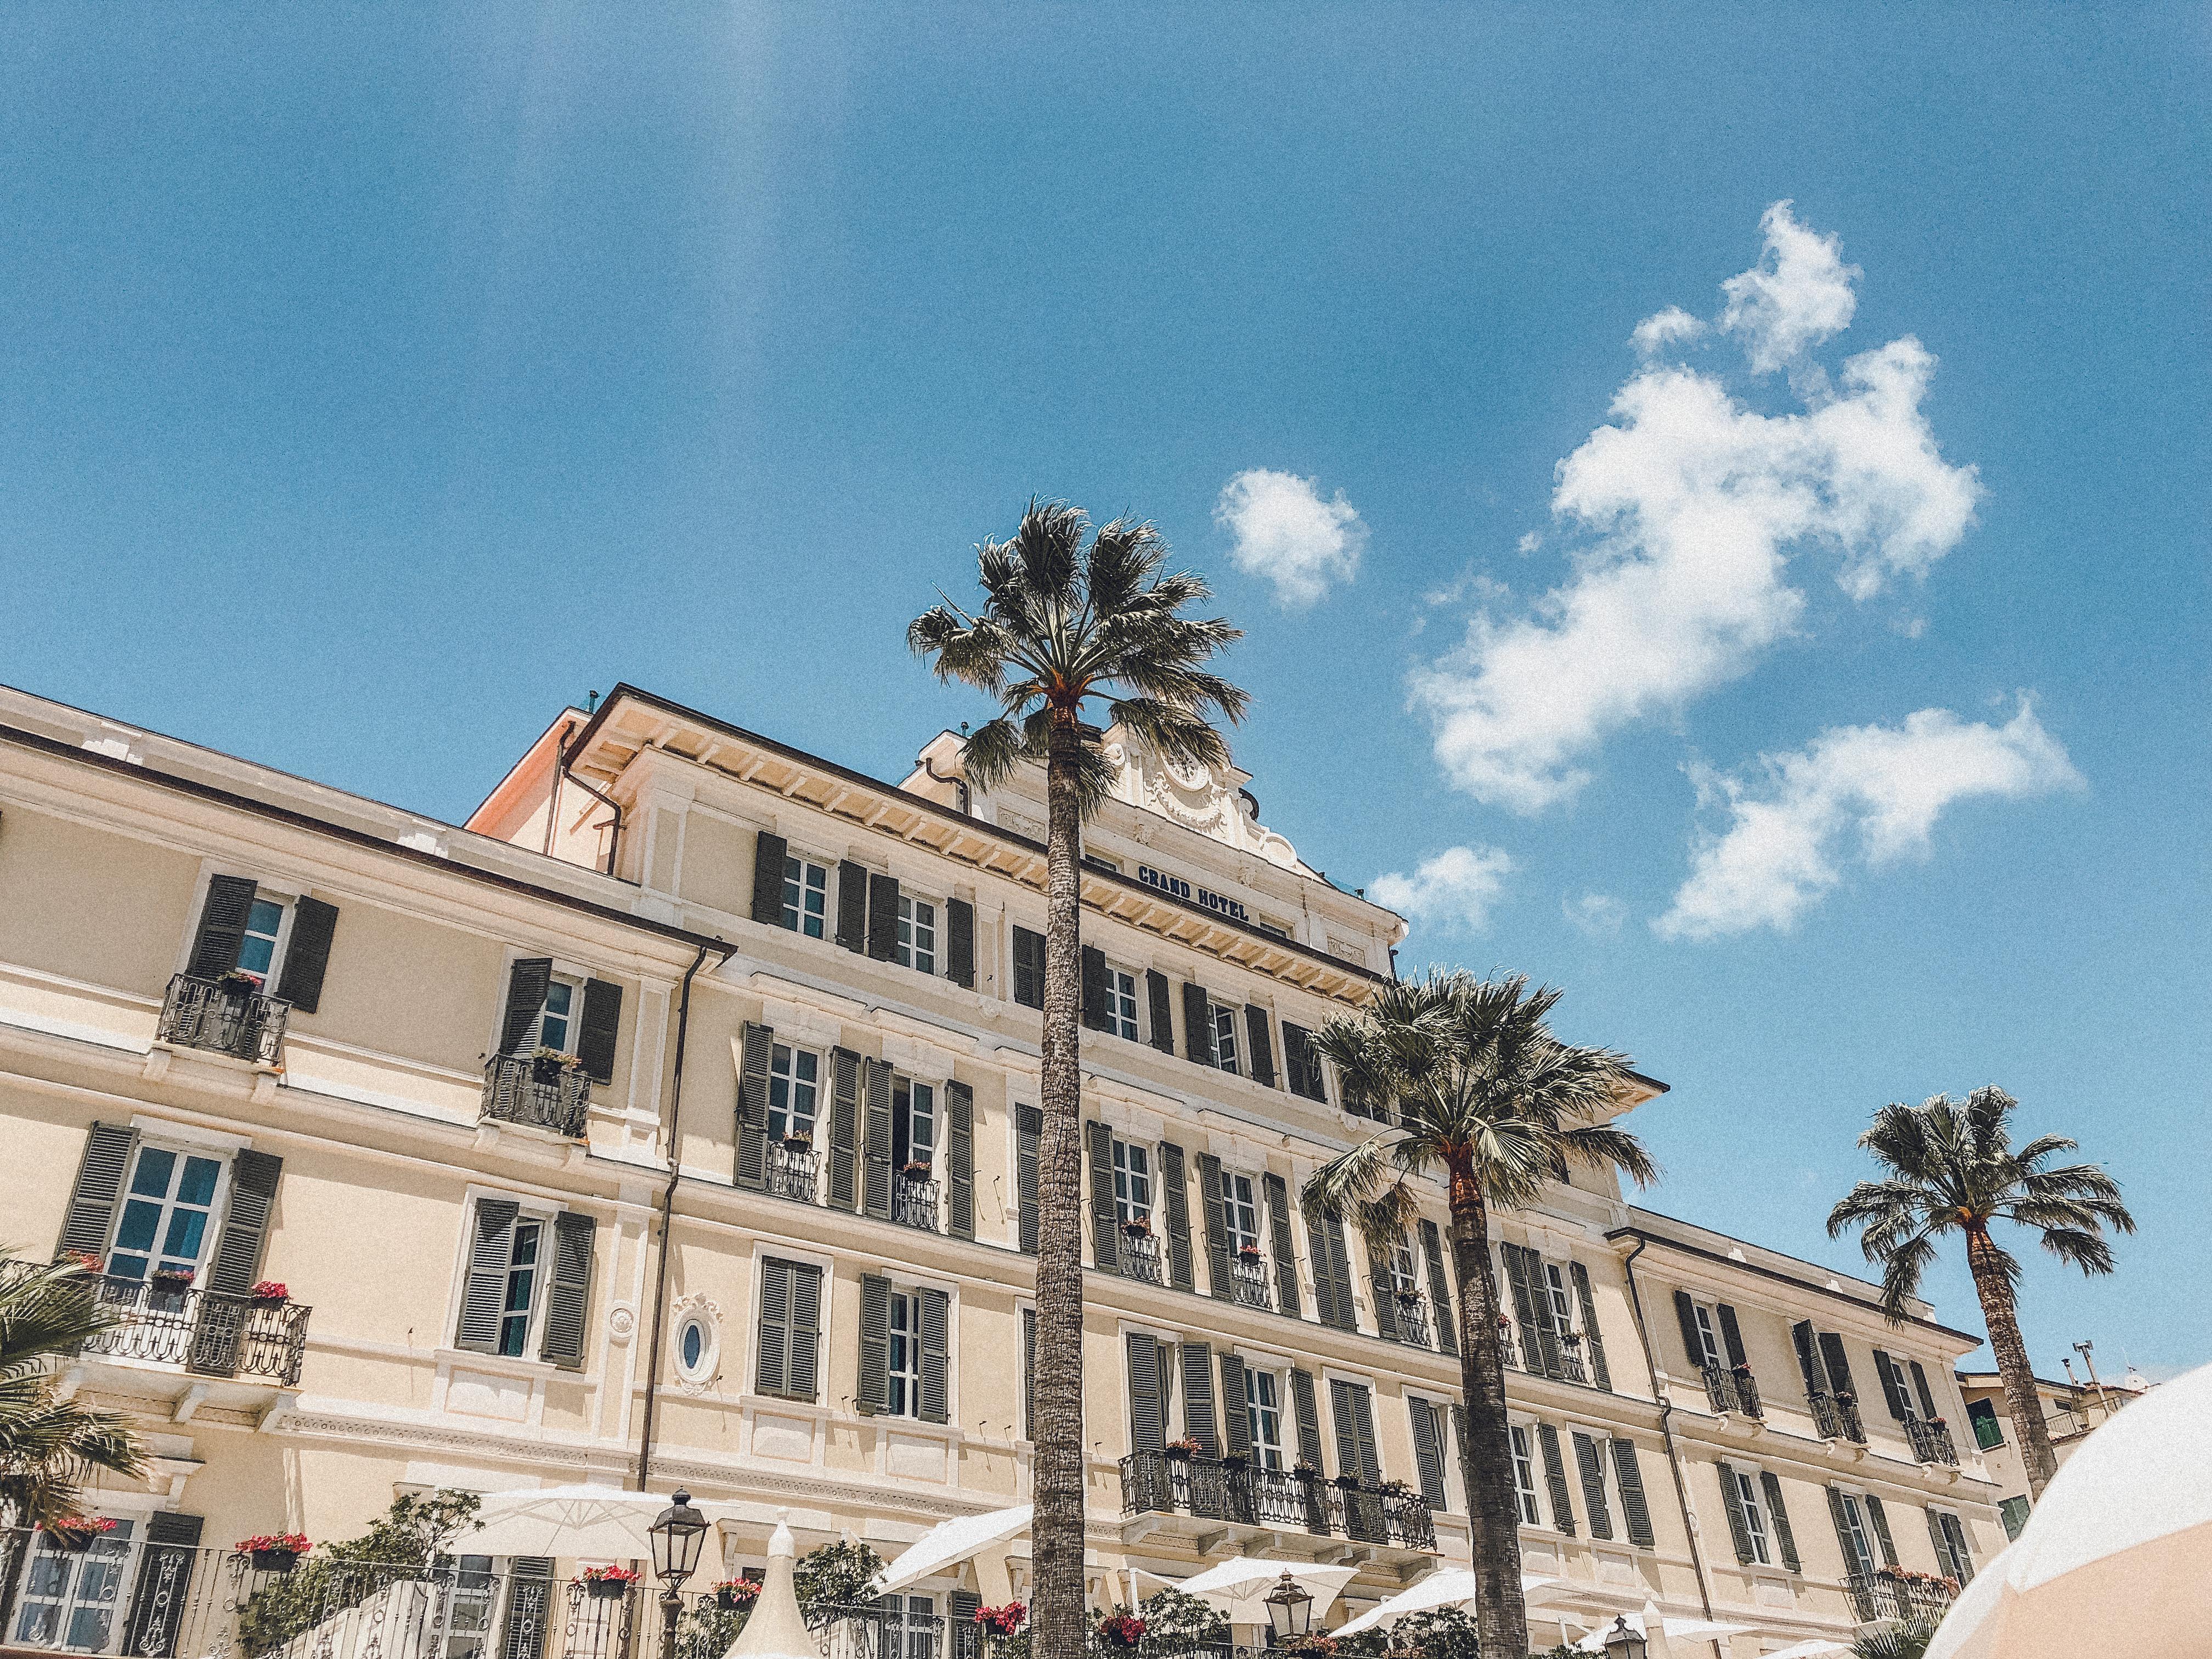 Grand Hotel Alassio la facciata